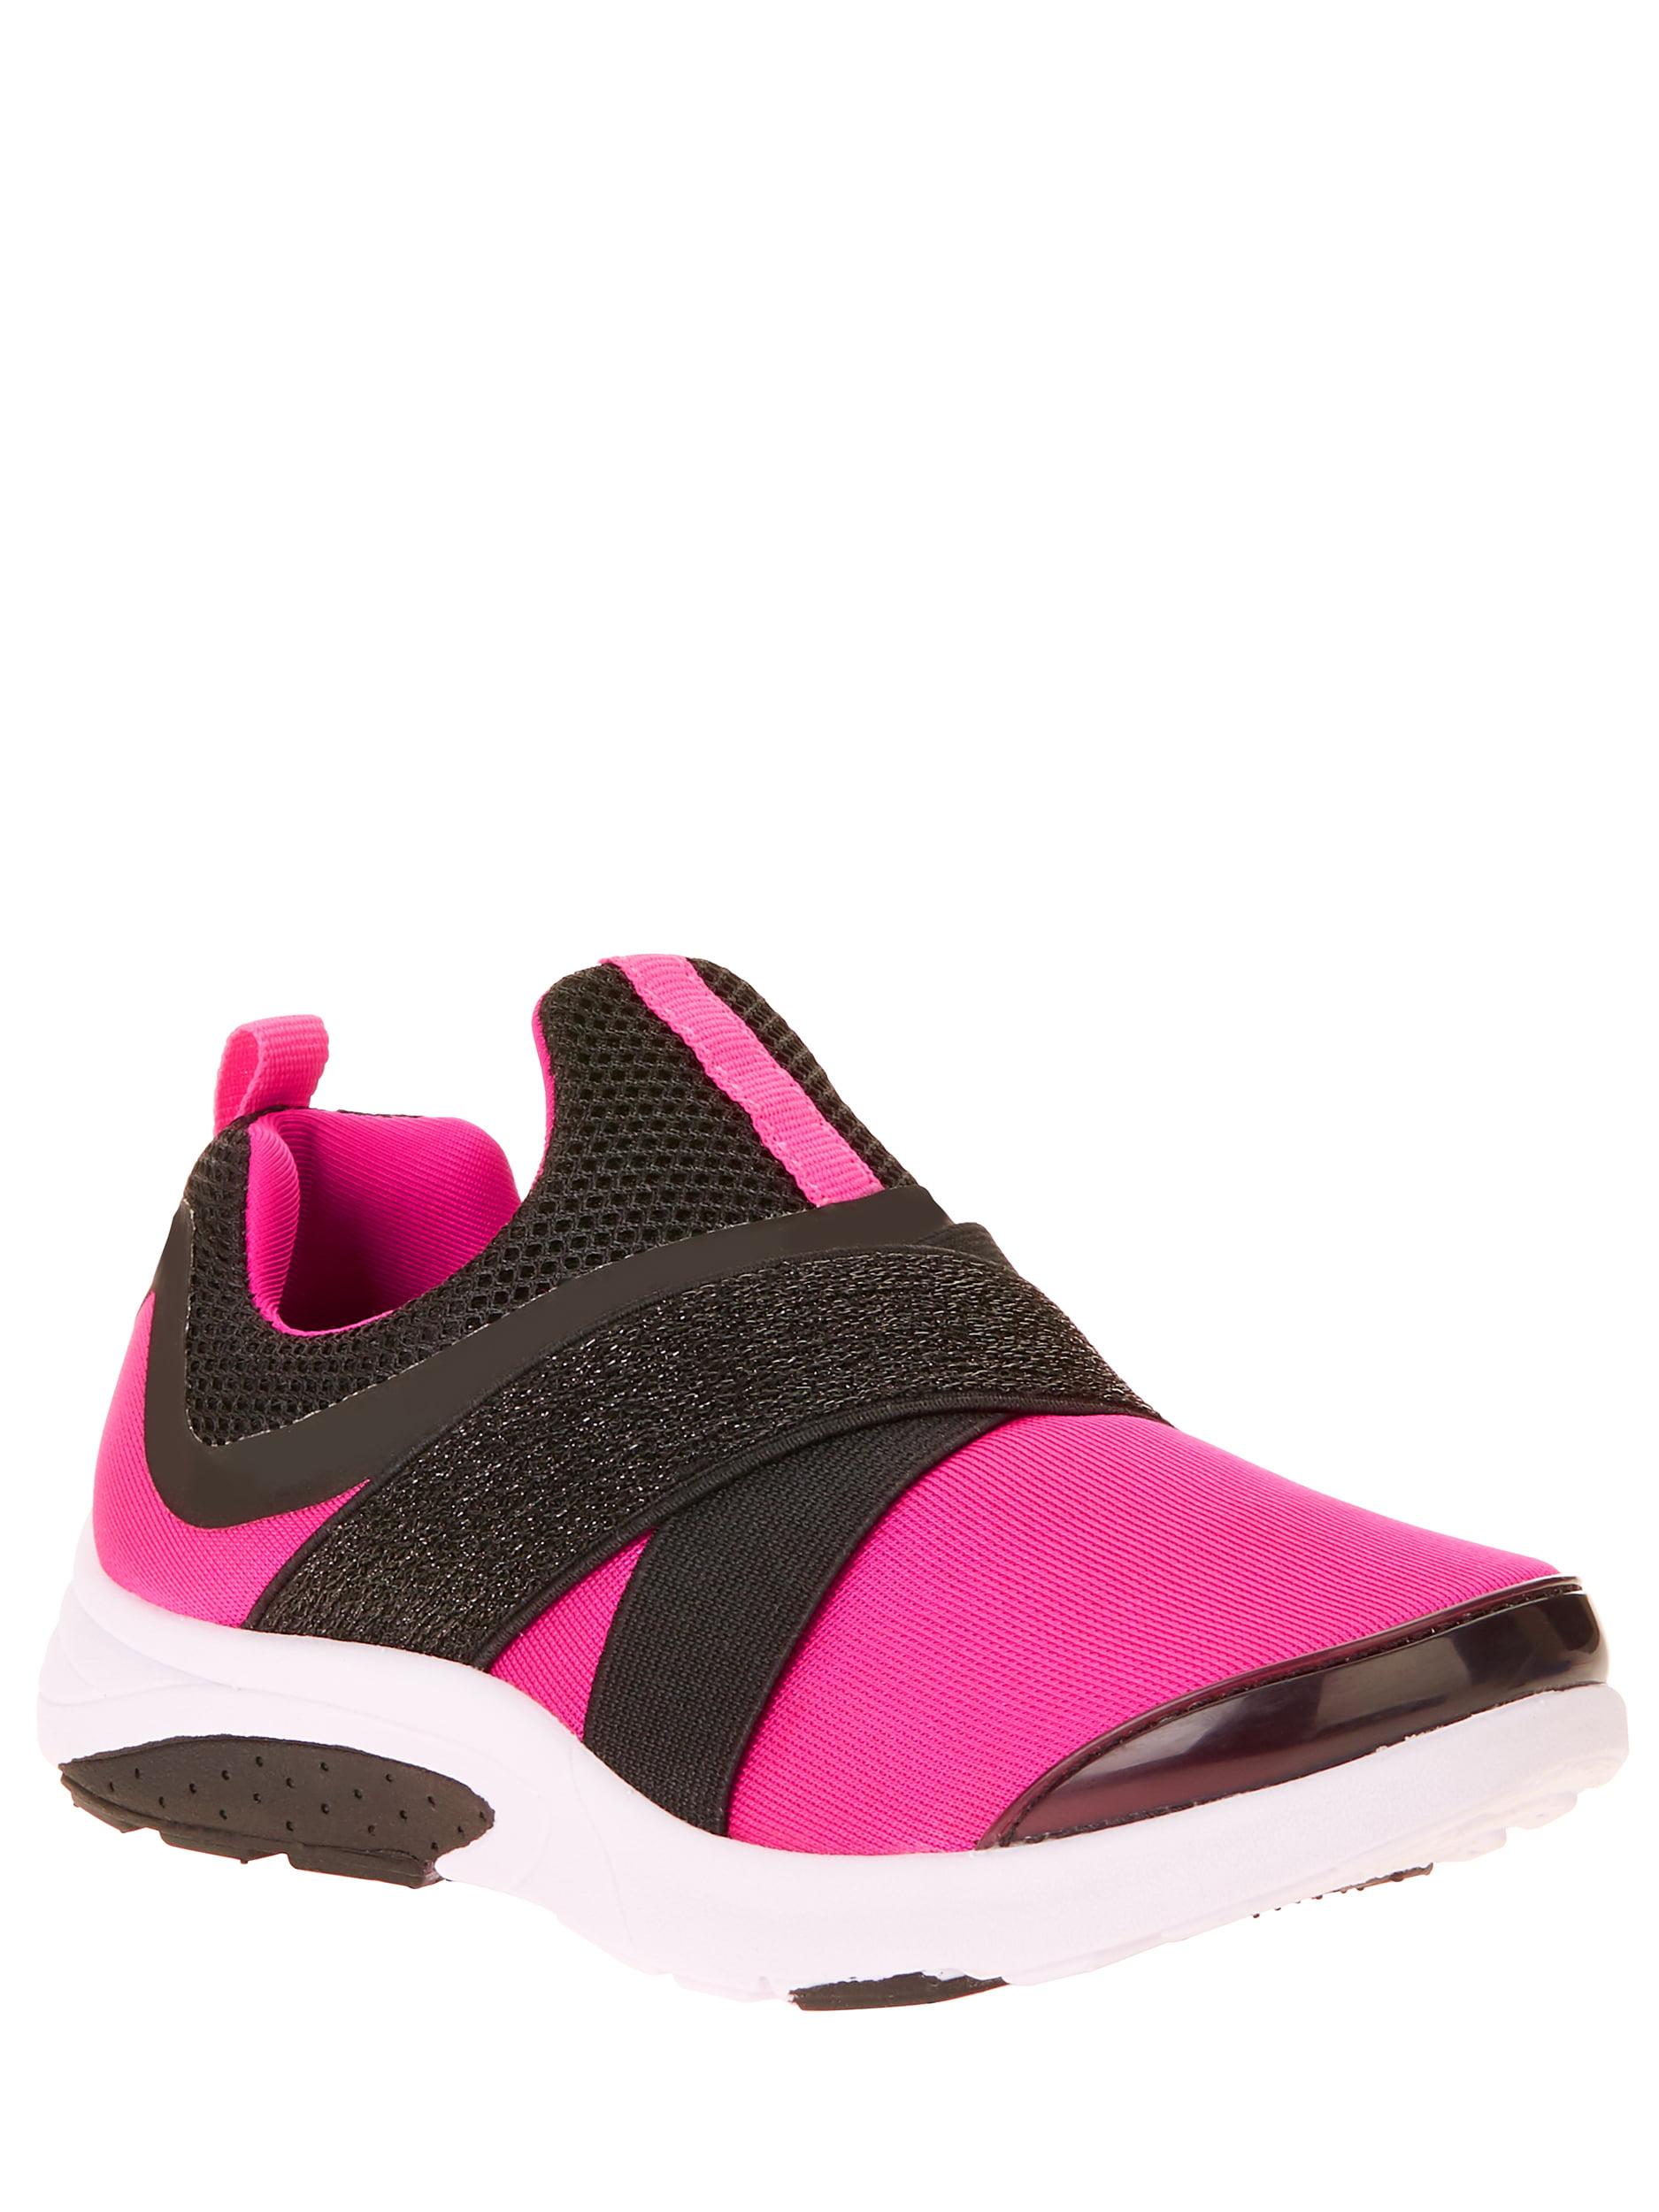 Athletic Works Girls' Athletic Slip On Shoe